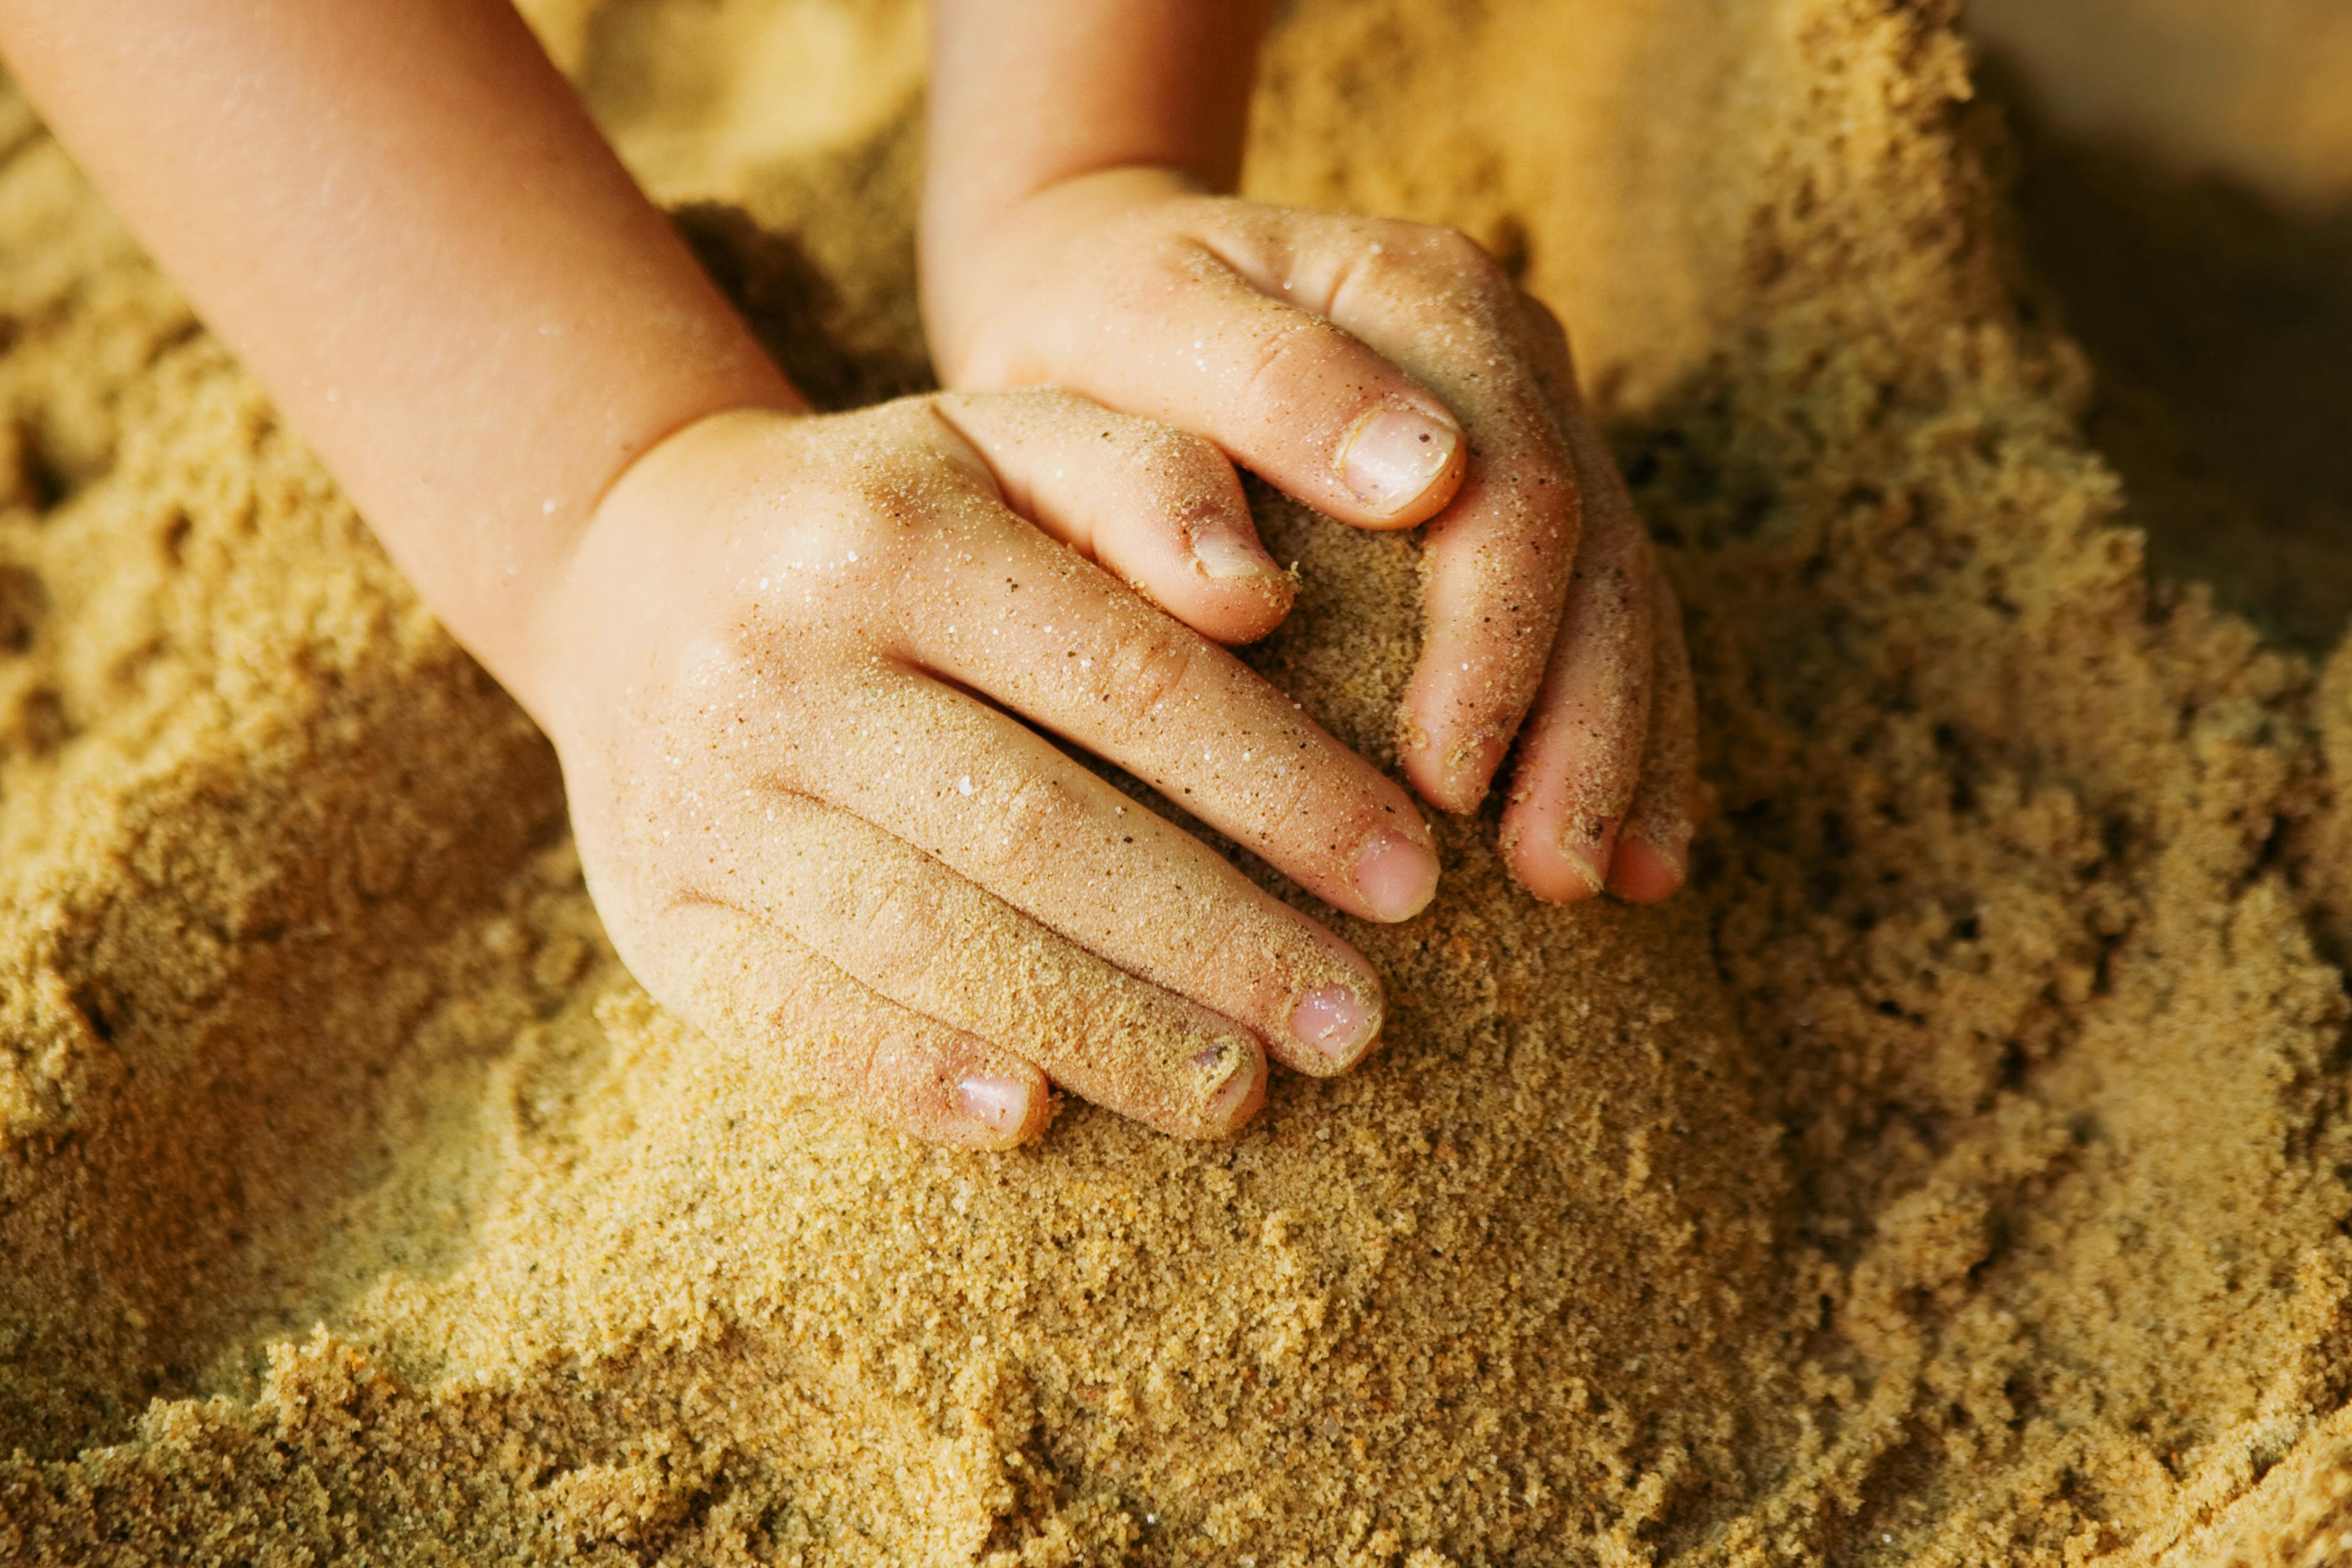 зачем людям песок в картинках анализ